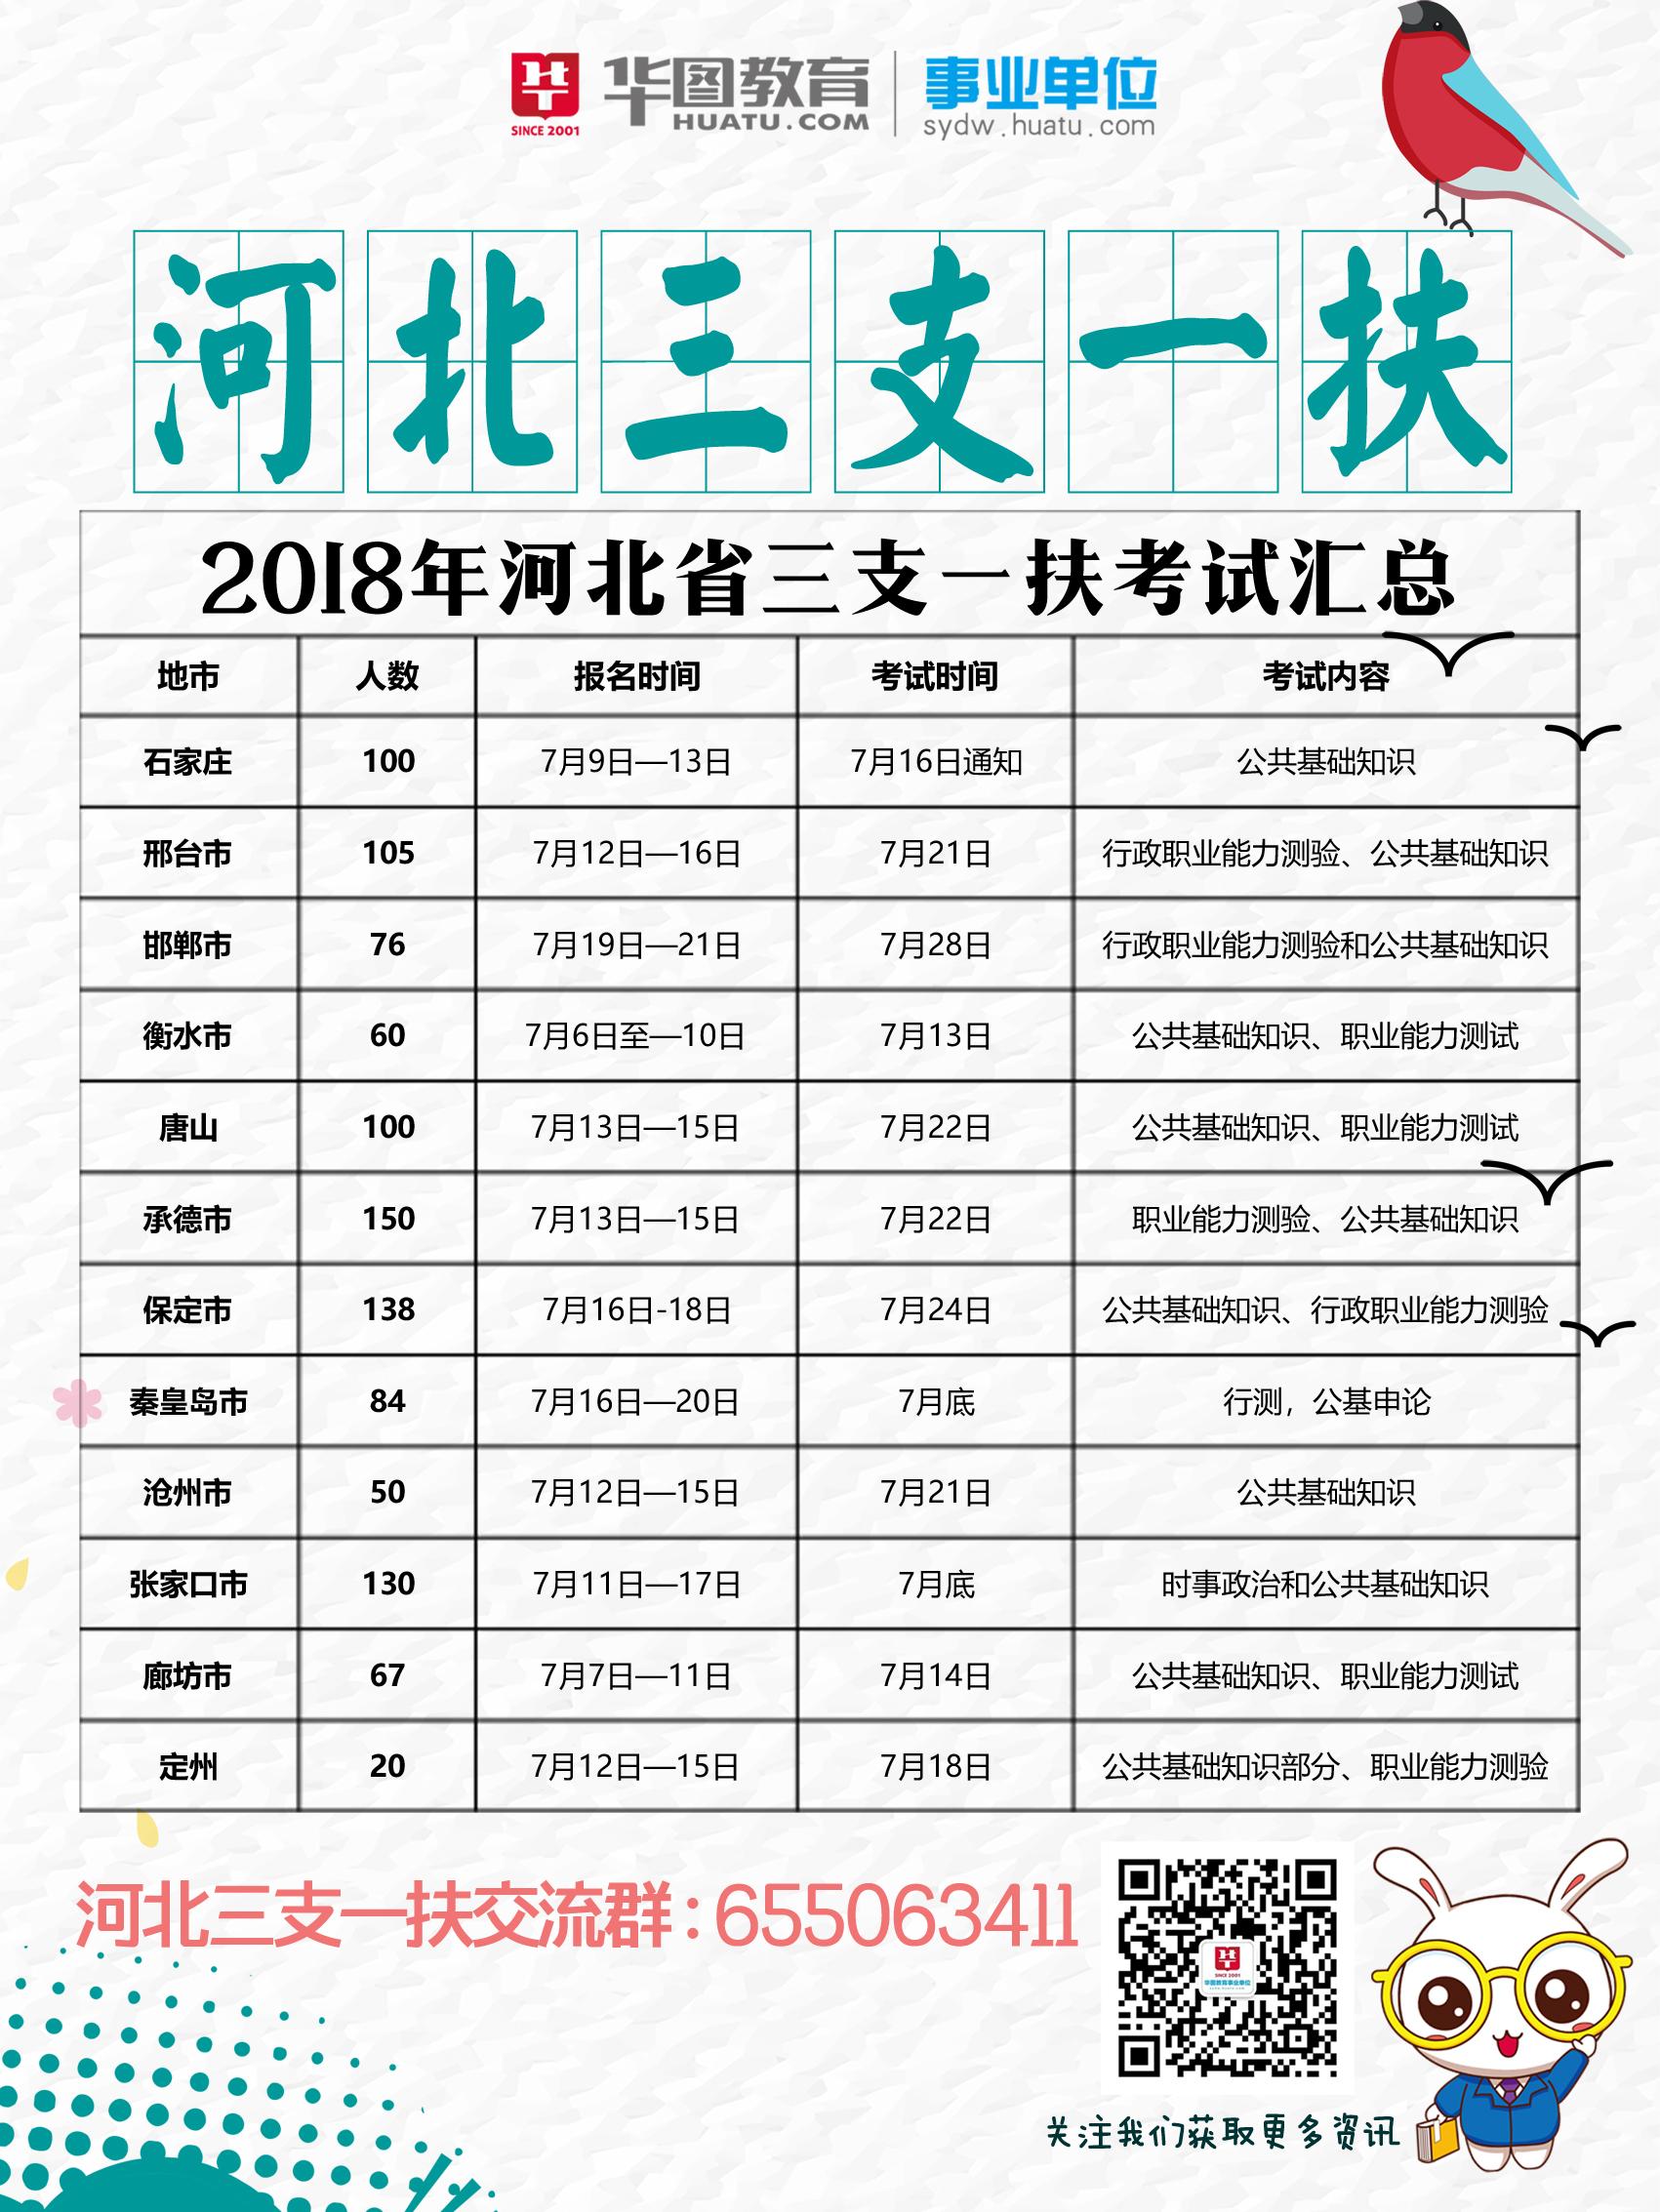 2017-2018河北三支一扶报考时间